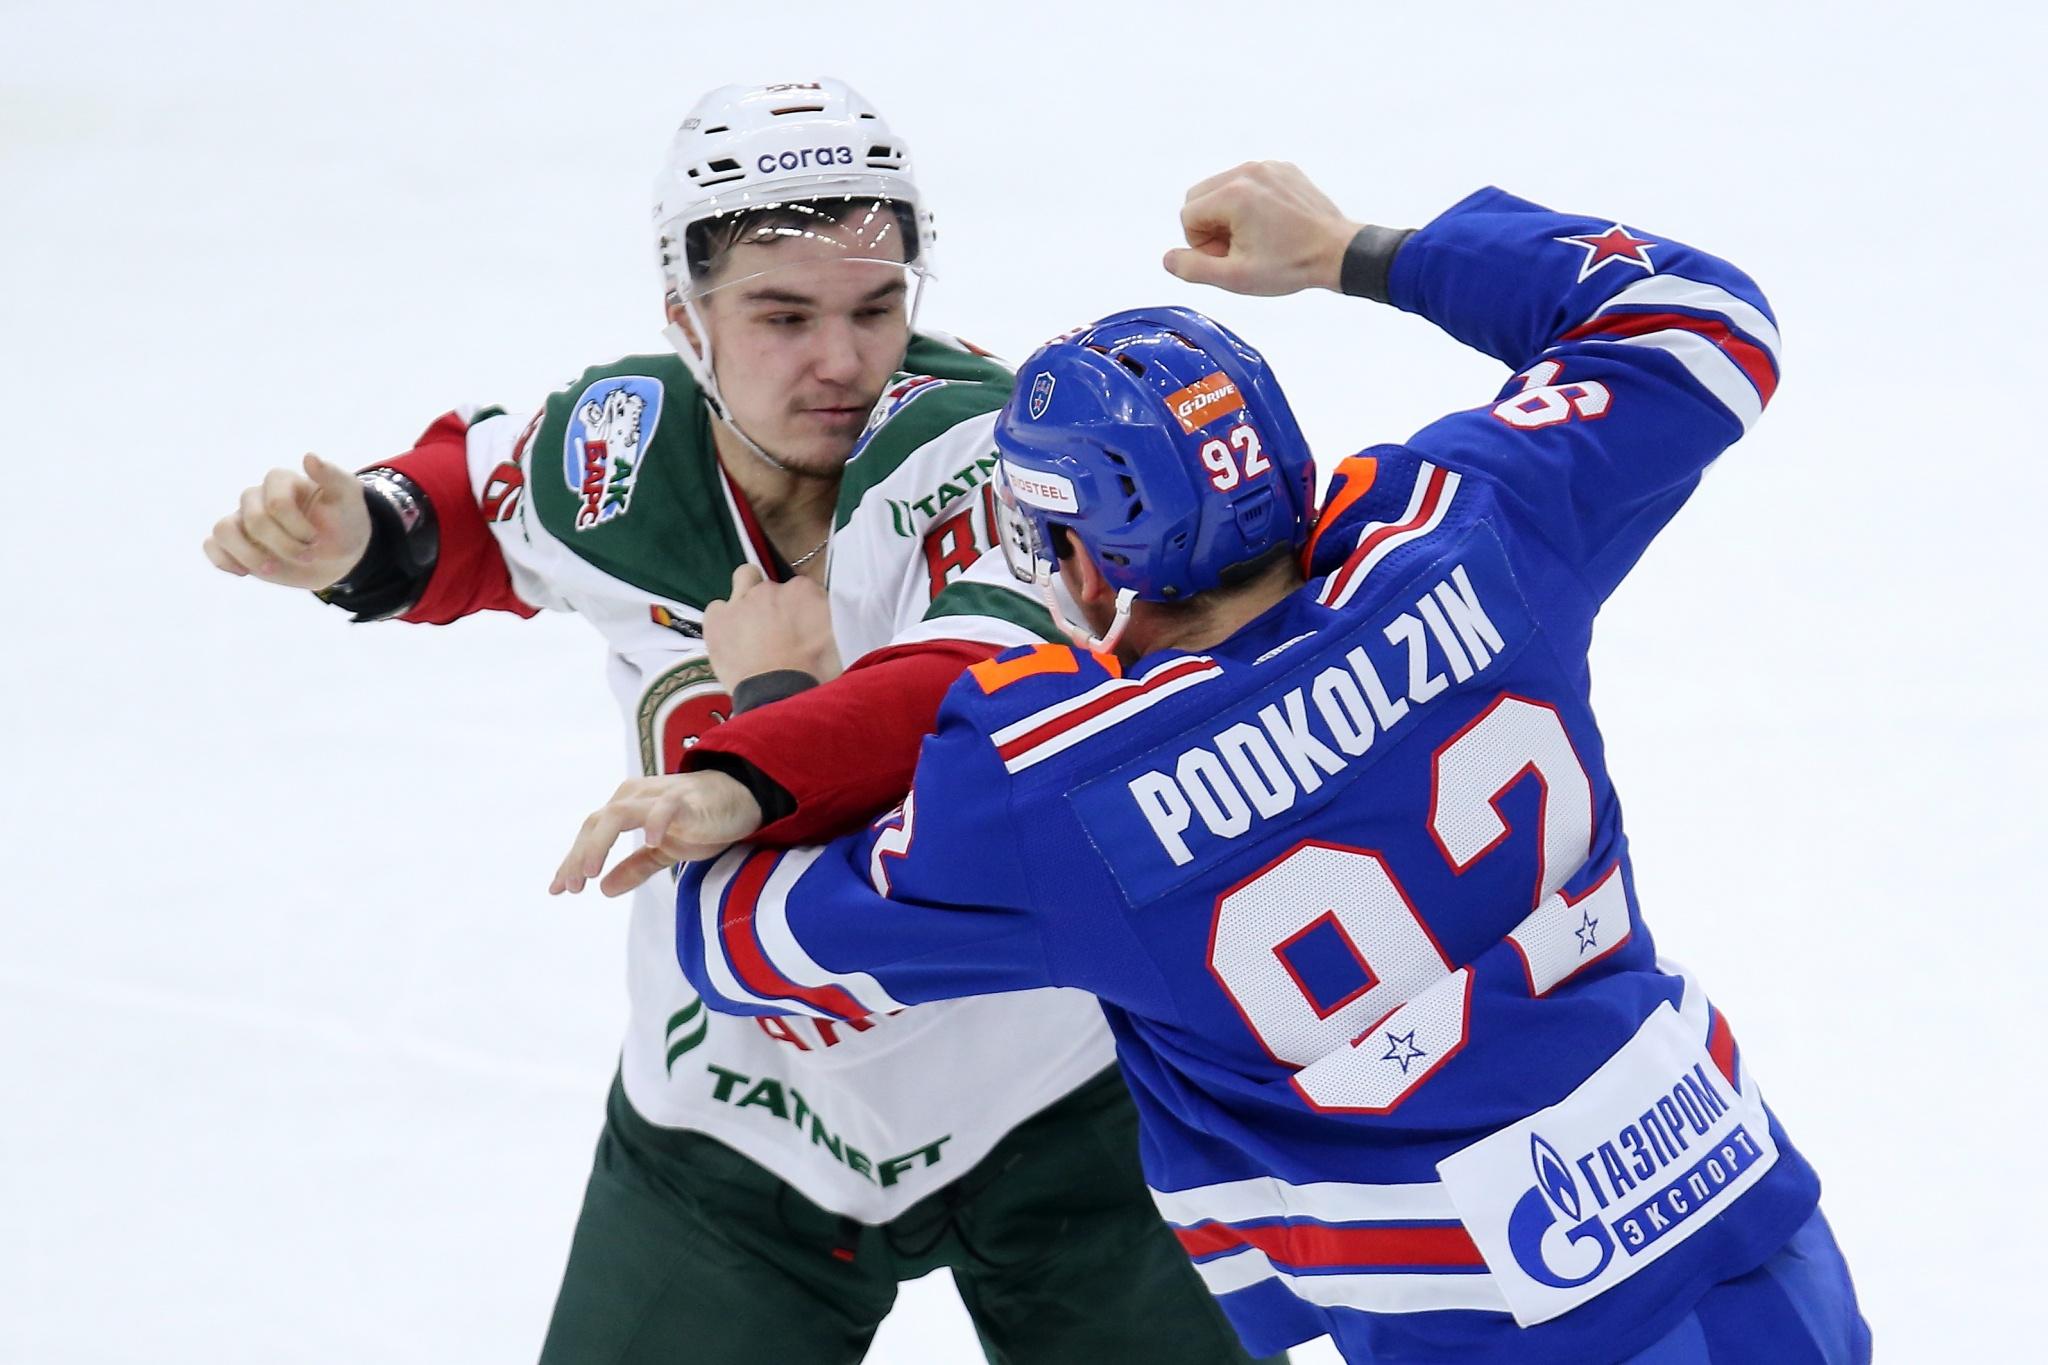 Никита Дыняк и Василий Подколзин. Фото: Илья Смирнов